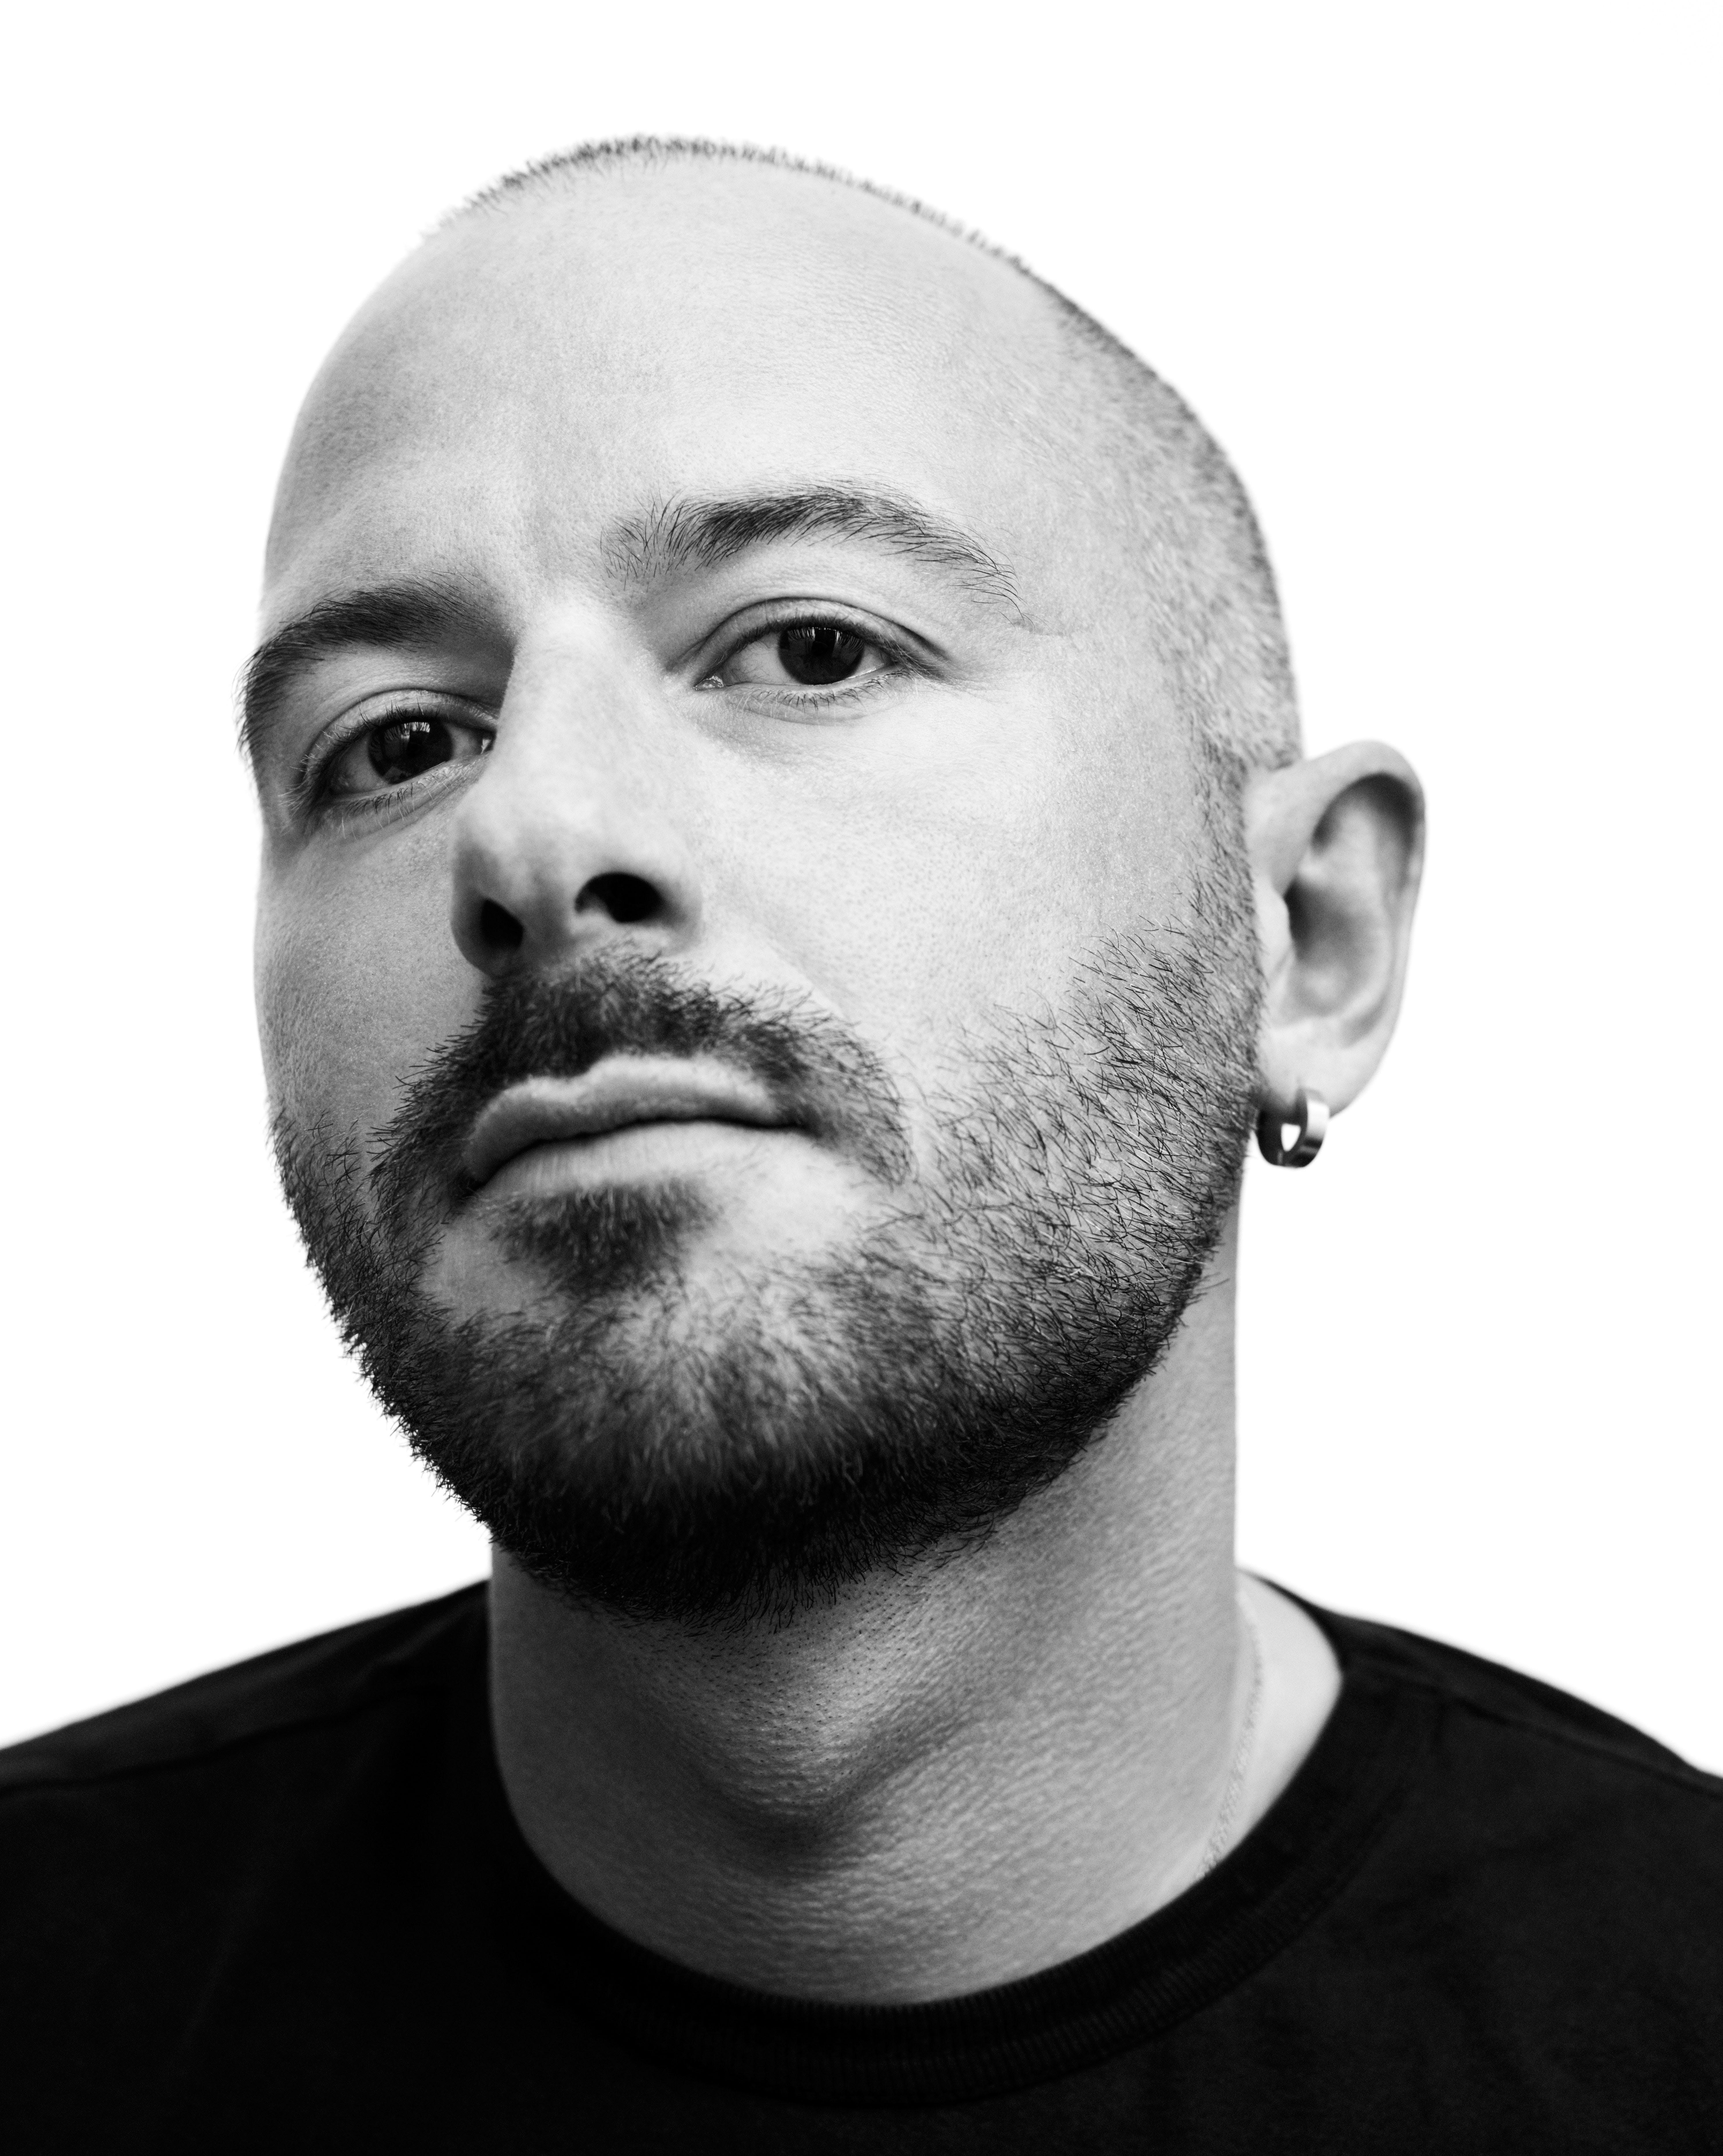 Главный дизайнер баленсиага работа по веб камере моделью в барыш